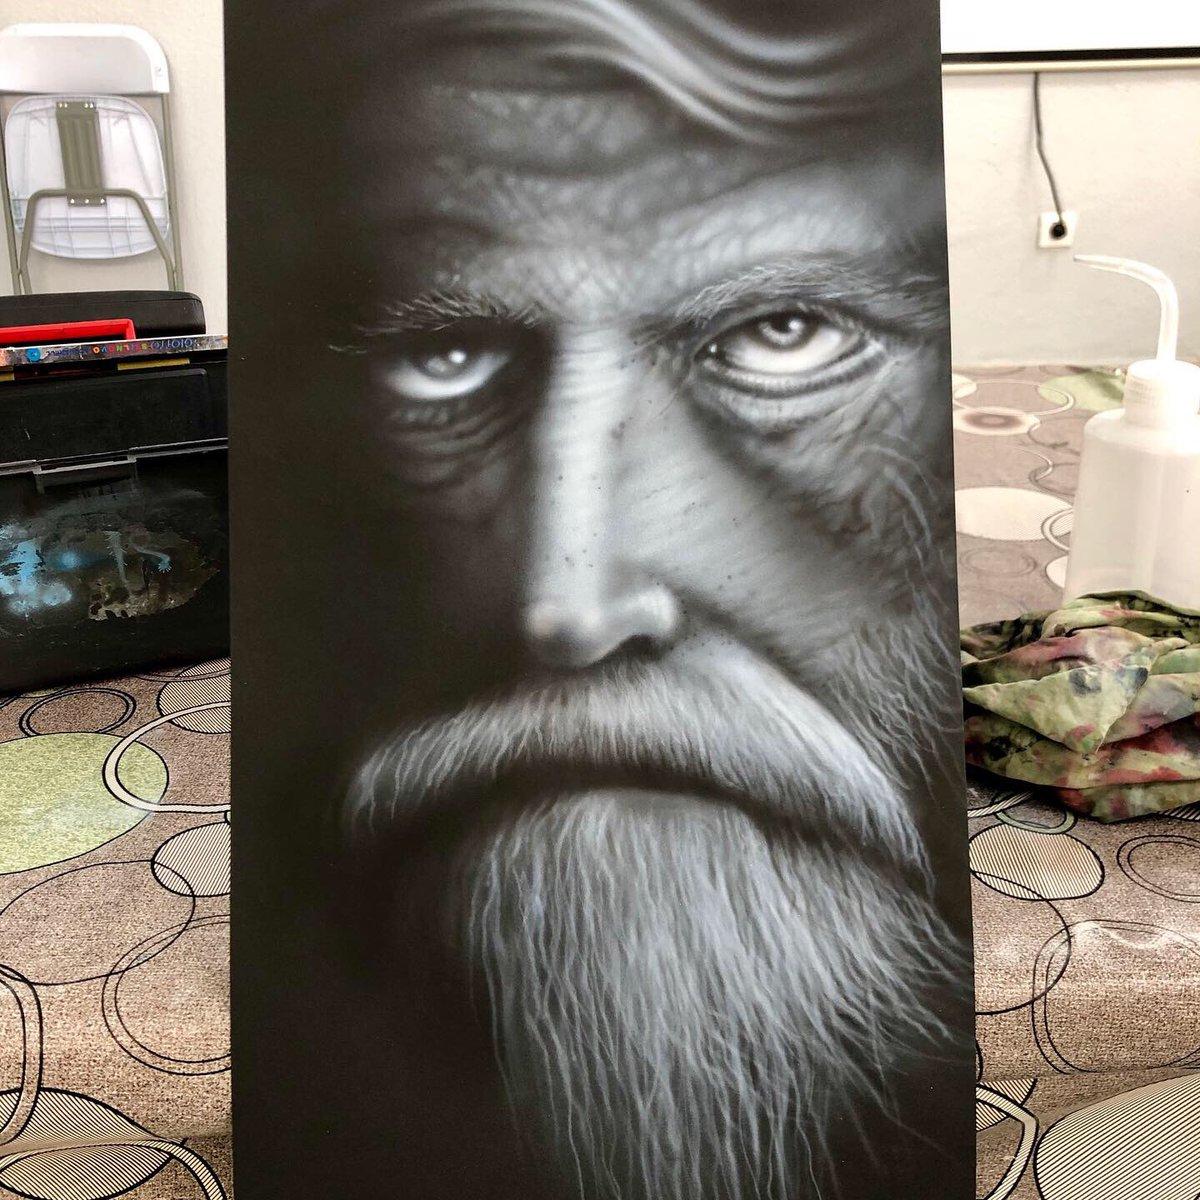 Así quedó terminado. #aerografia #custompaint #aerografiasevilla #ArteYArt #arte #MiercolesDeBarbas